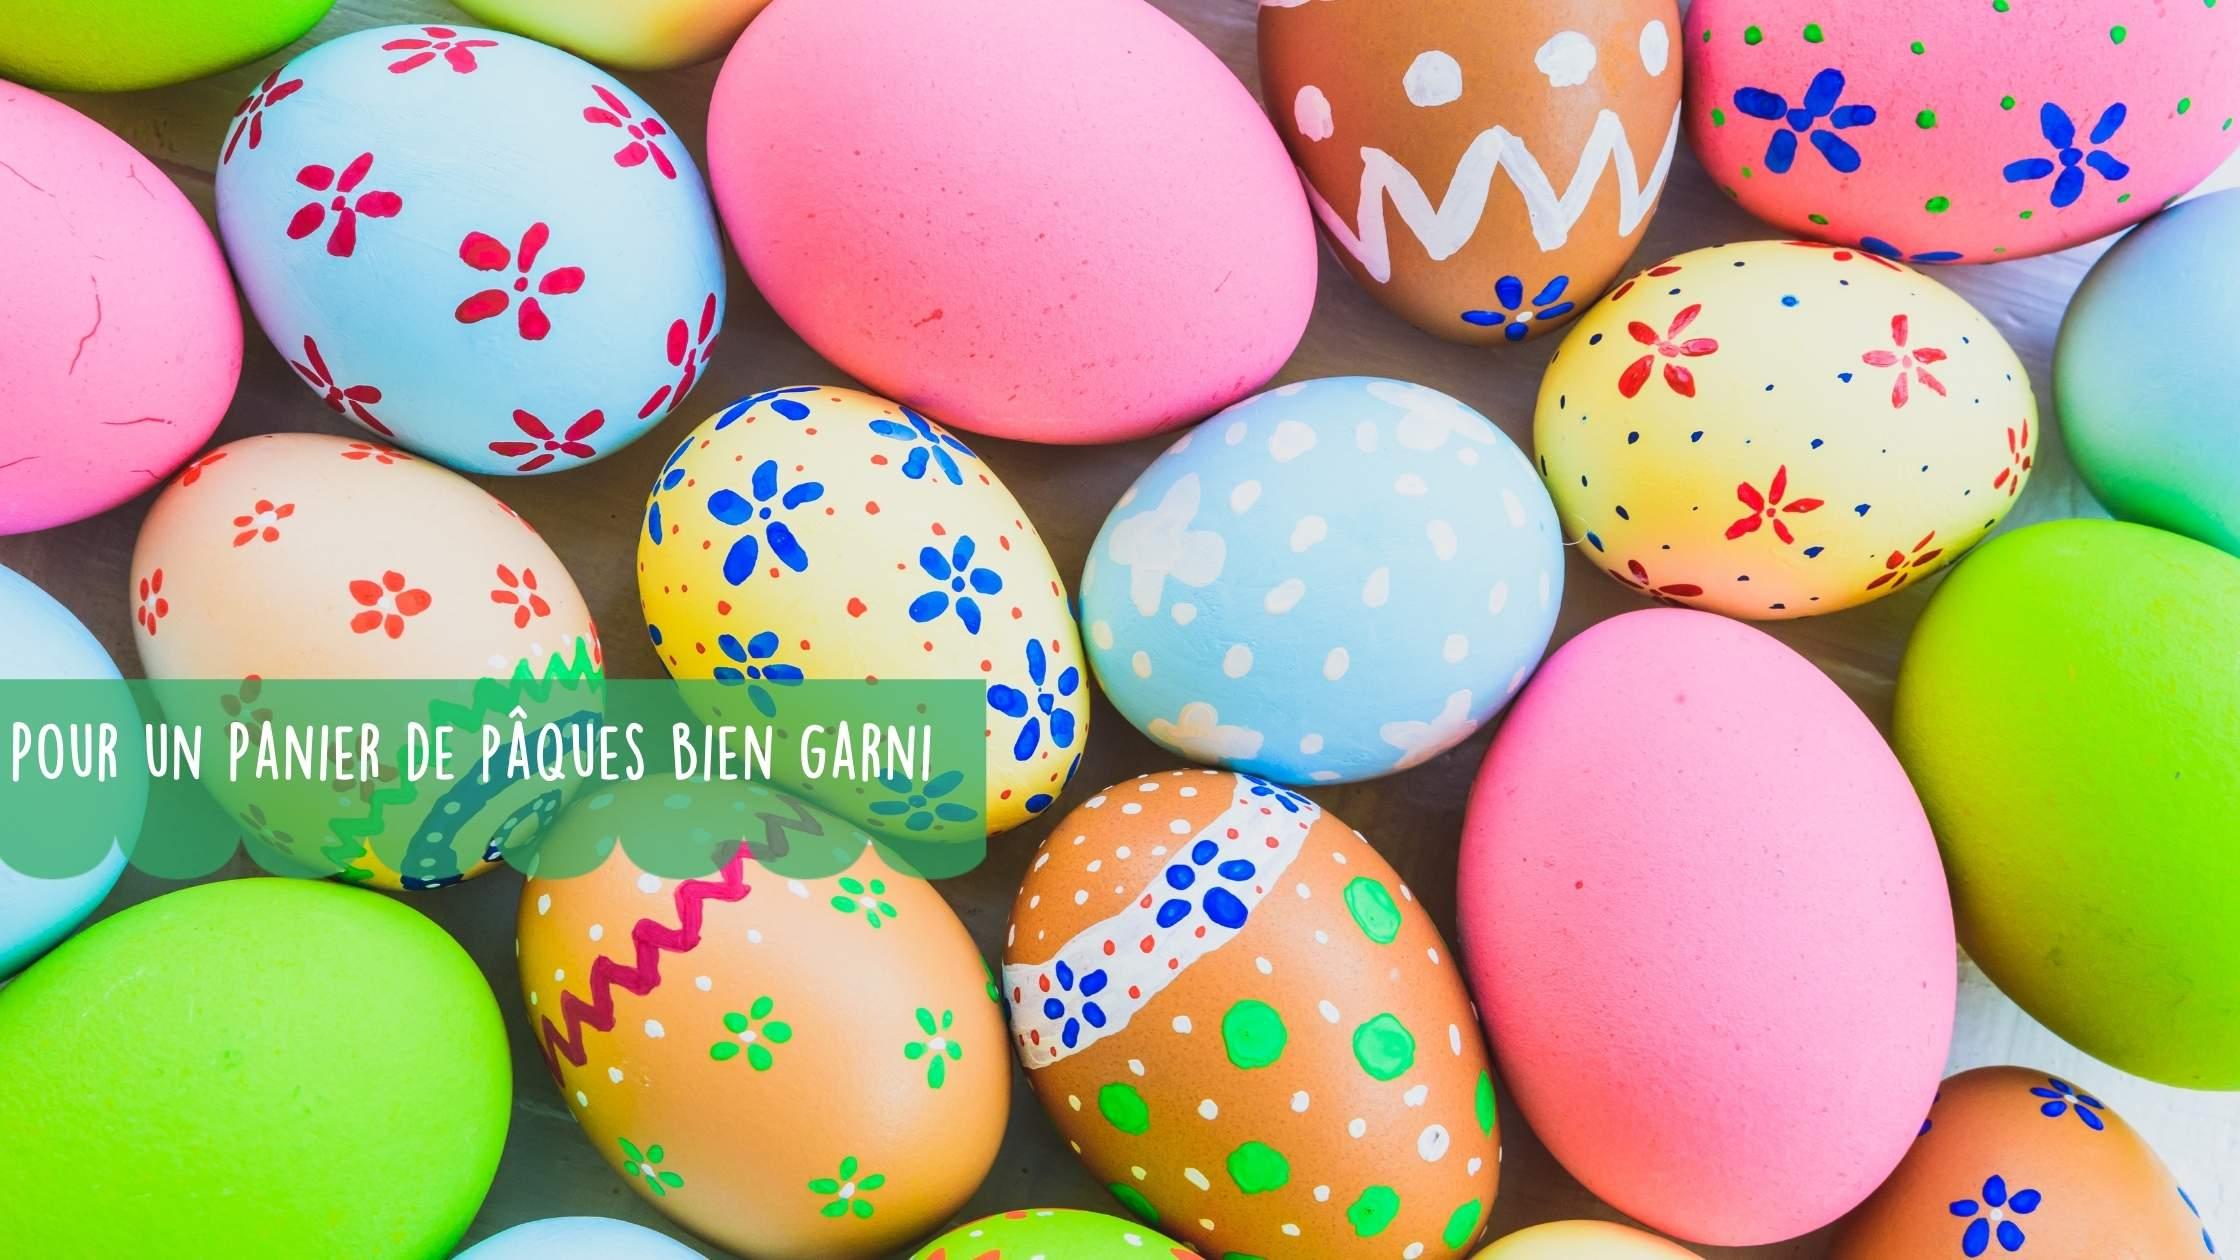 Découvertes pour remplir votre panier de Pâques